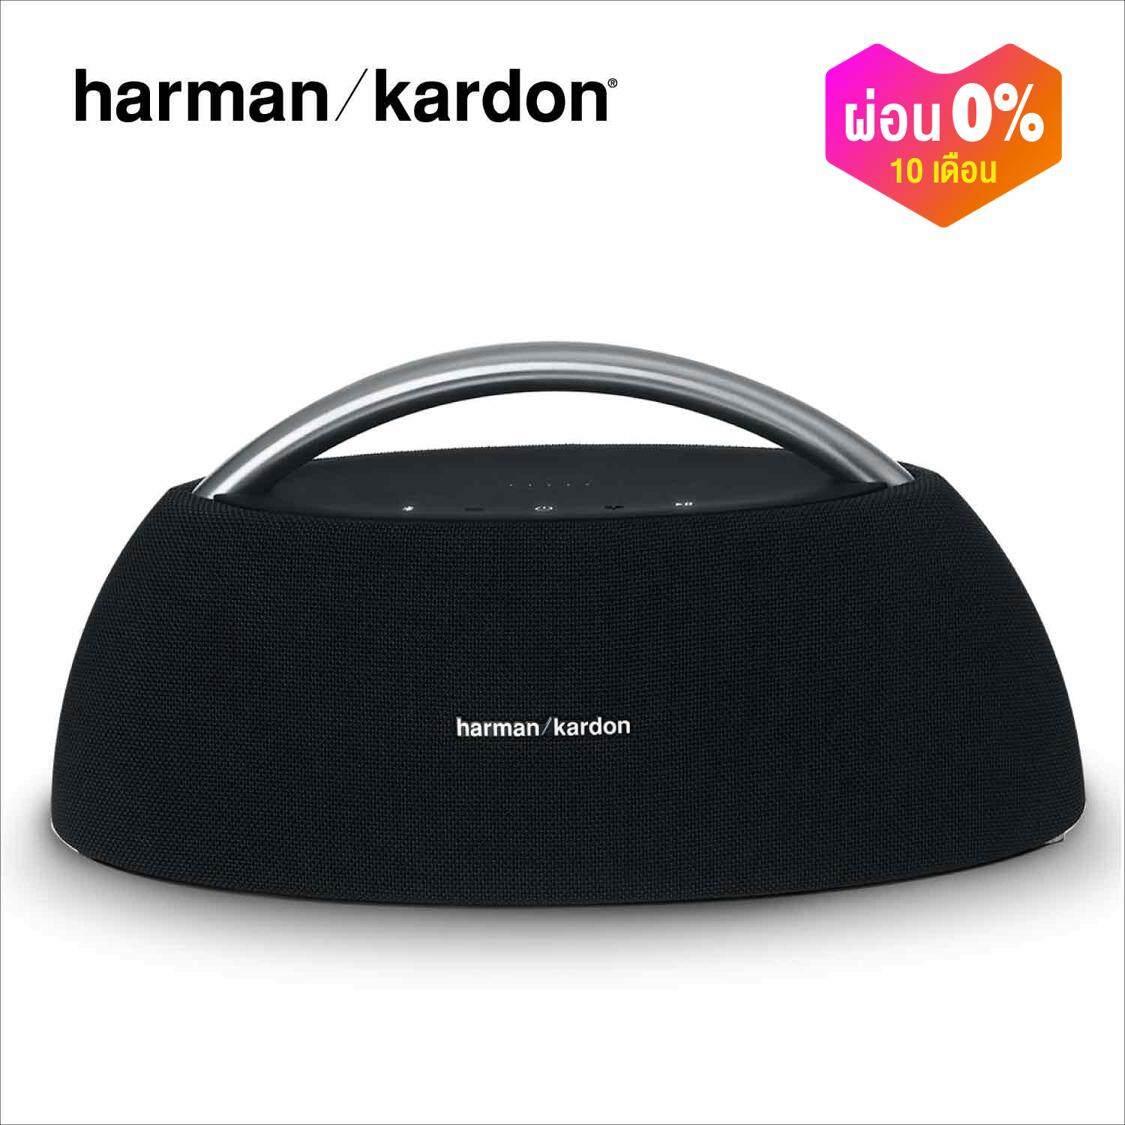 สอนใช้งาน  แม่ฮ่องสอน Harman Kardon GOPLAYMINI ( ลำโพงบลูทูธ   เครื่องเสียง   Bluetooth   ลำโพงกลางแจ้ง   บลูทูธไร้สาย )